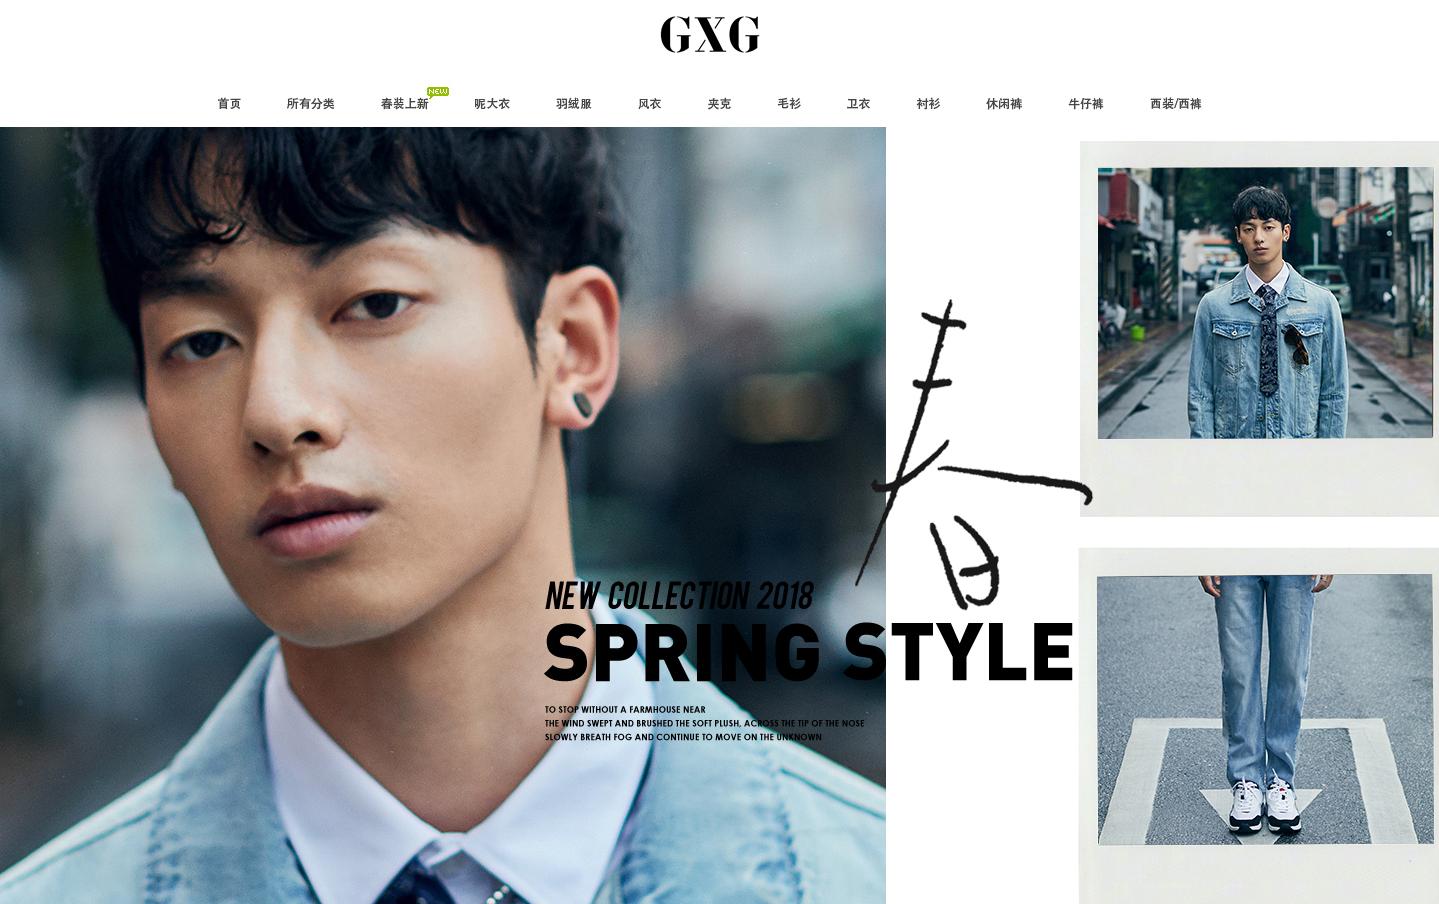 私募巨头 L Catterton 控股的中国男装时尚零售商 GXG 计划今年在香港 IPO,筹资3亿美元